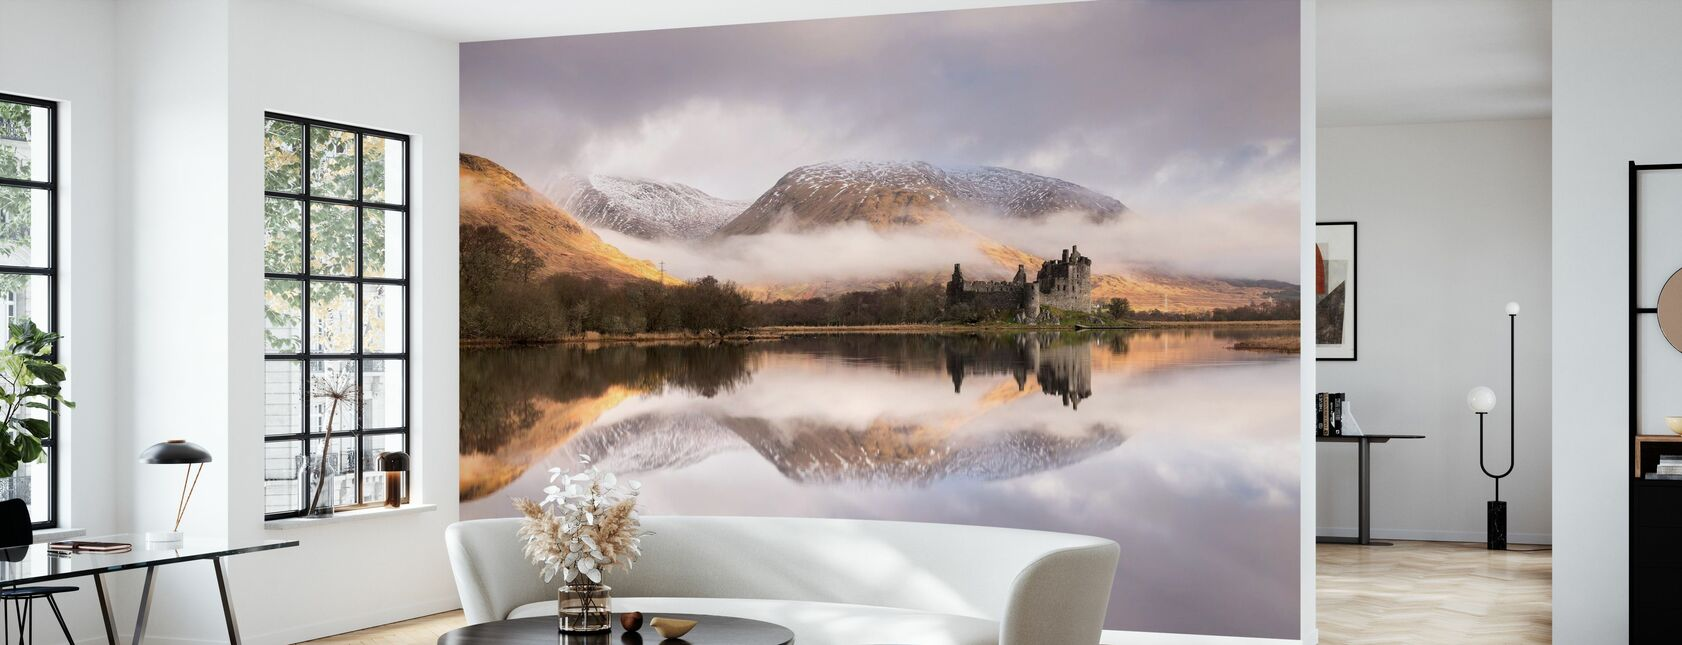 Kilchurn Castle - Wallpaper - Living Room